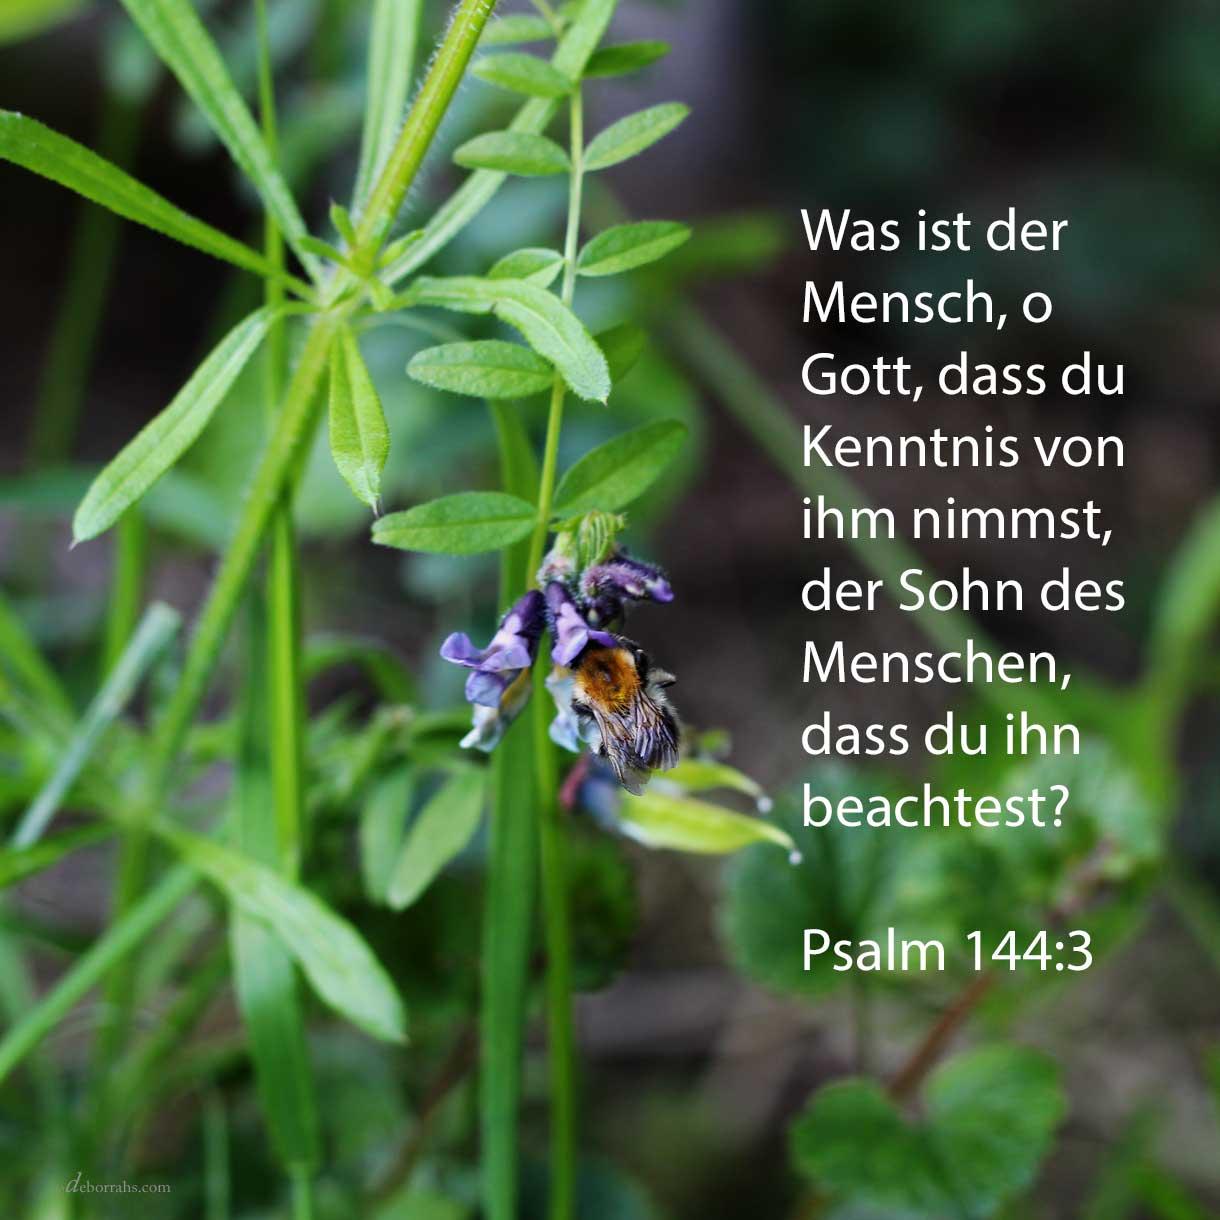 Jehova, was ist der Mensch, dass du Kenntnis von ihm nimmst, der Sohn des Menschen, dass du ihn beachtest ( Psalm 144,3 )